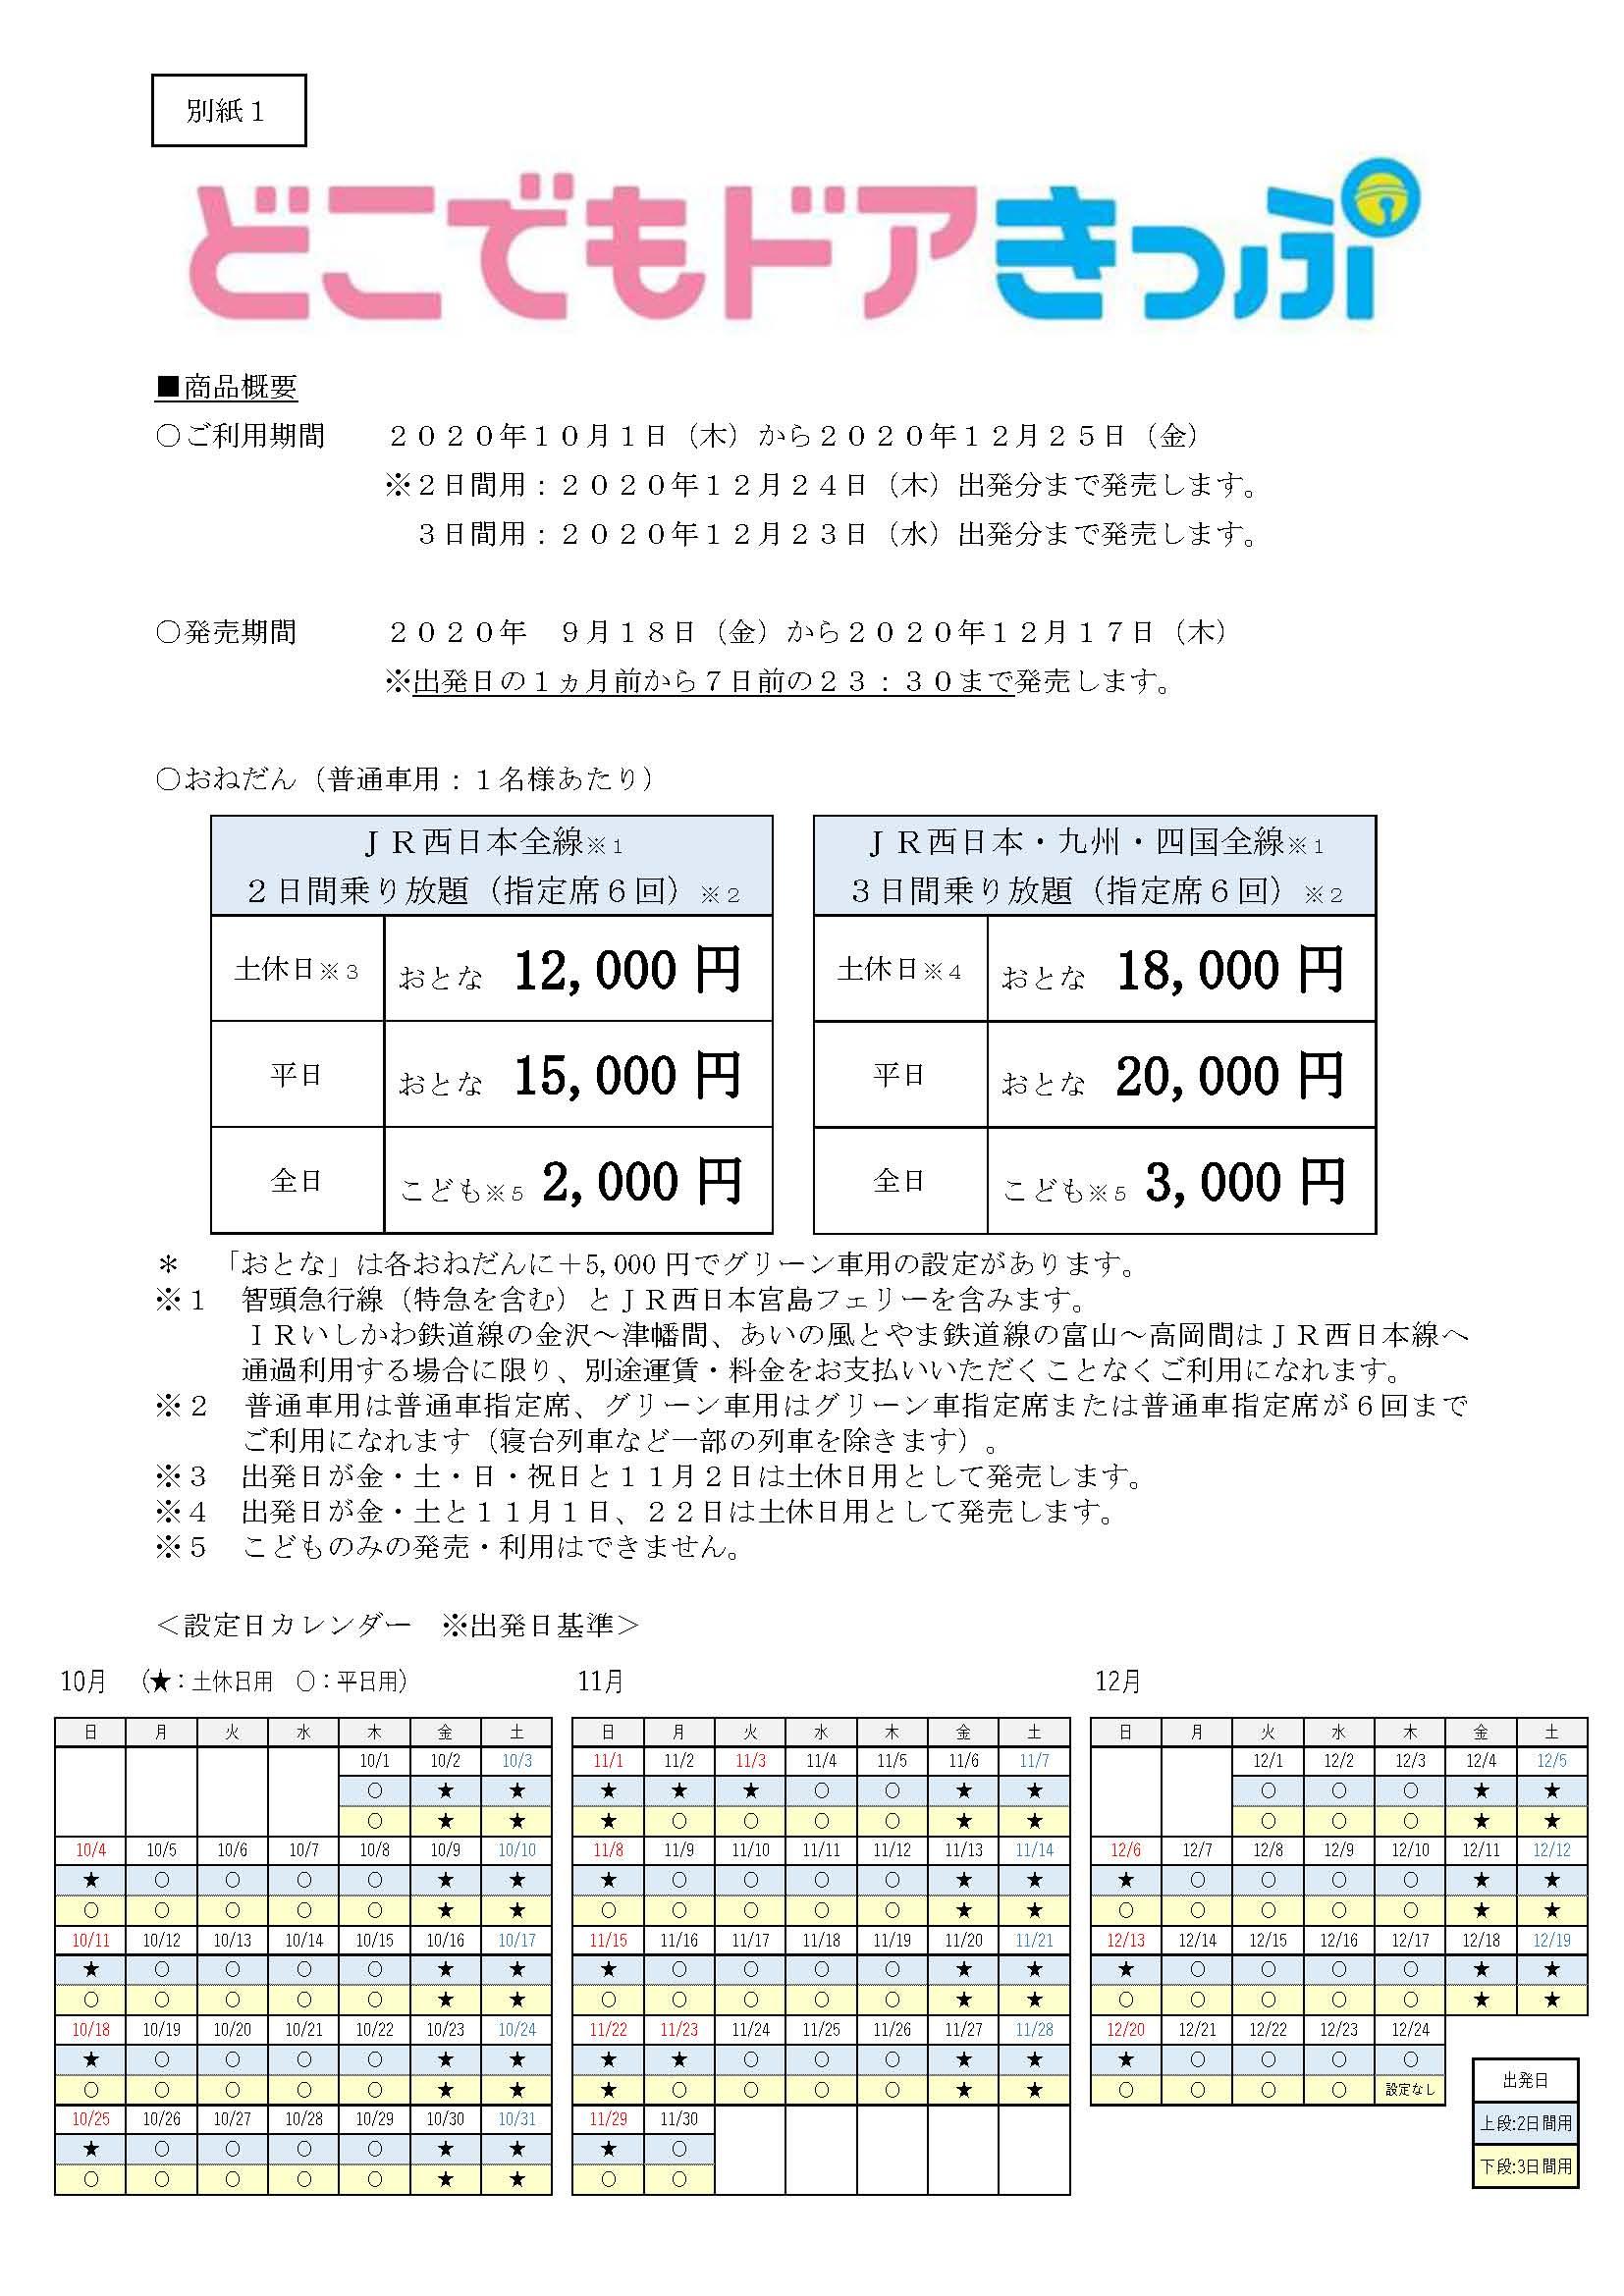 【おでかけ】 JR西日本・四国・九州の新幹線・特急が乗り放題「どこでもドアきっぷ」発売へ